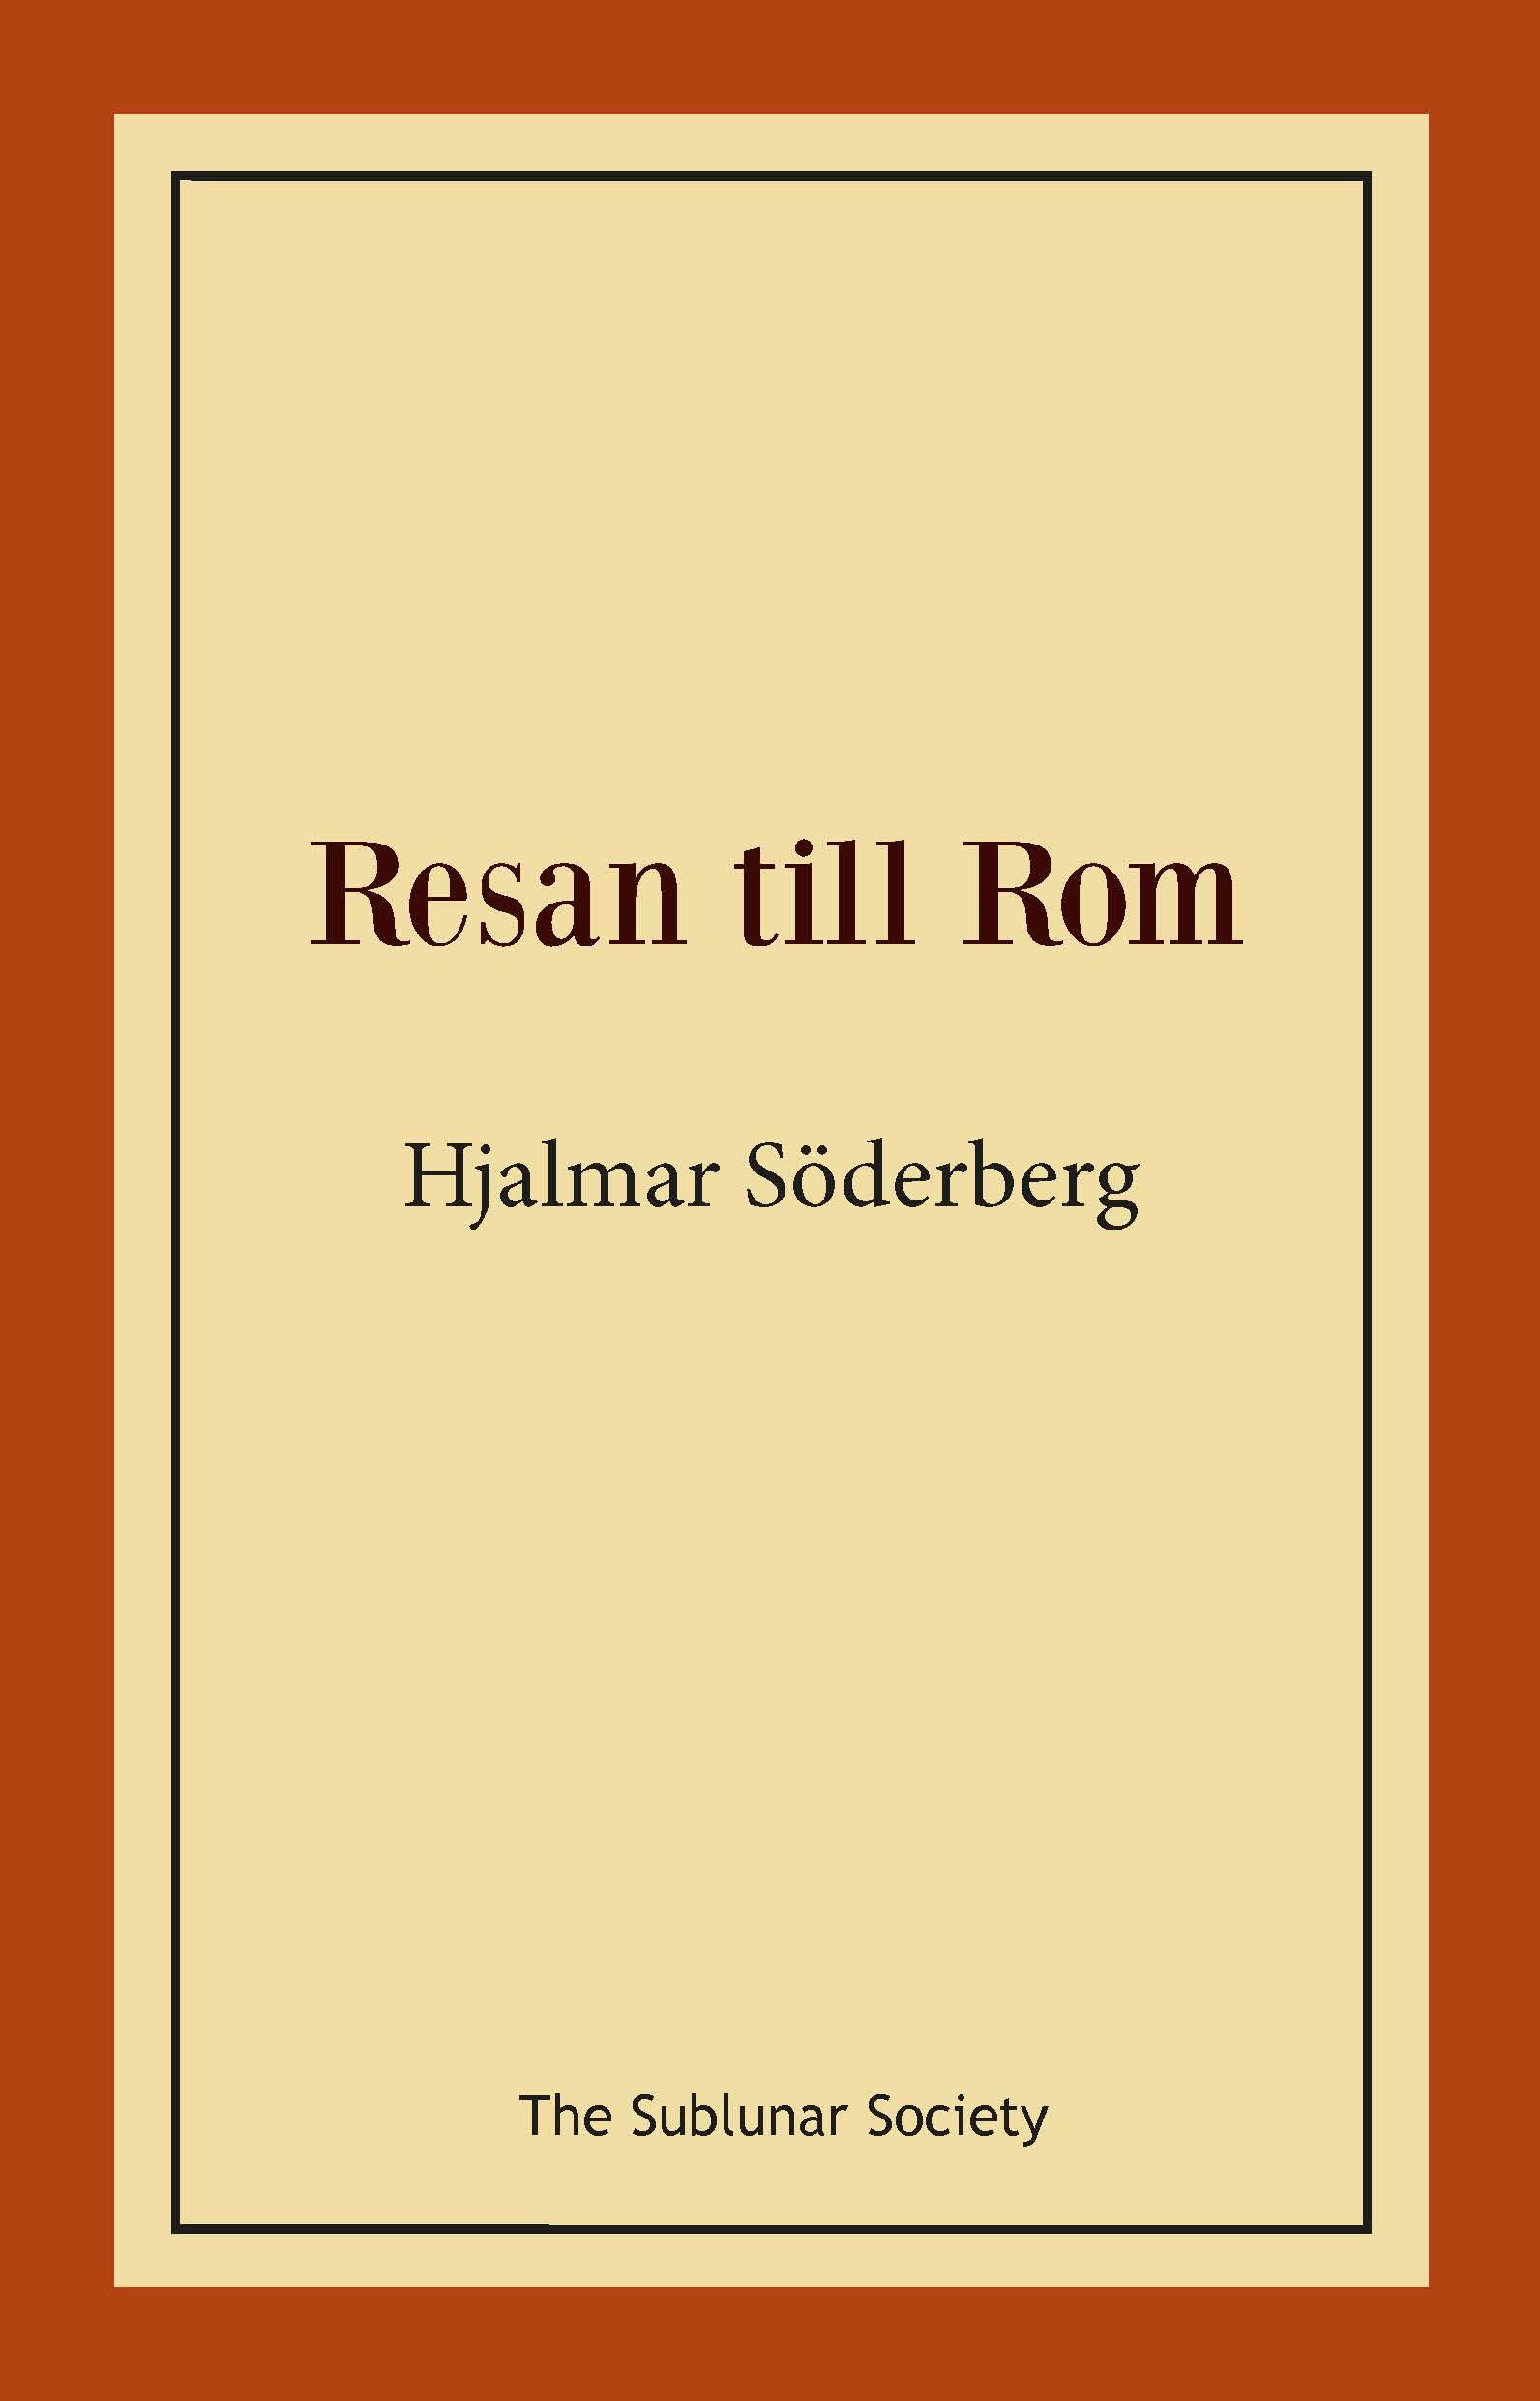 Resan till Rom av Hjalmar Söderberg